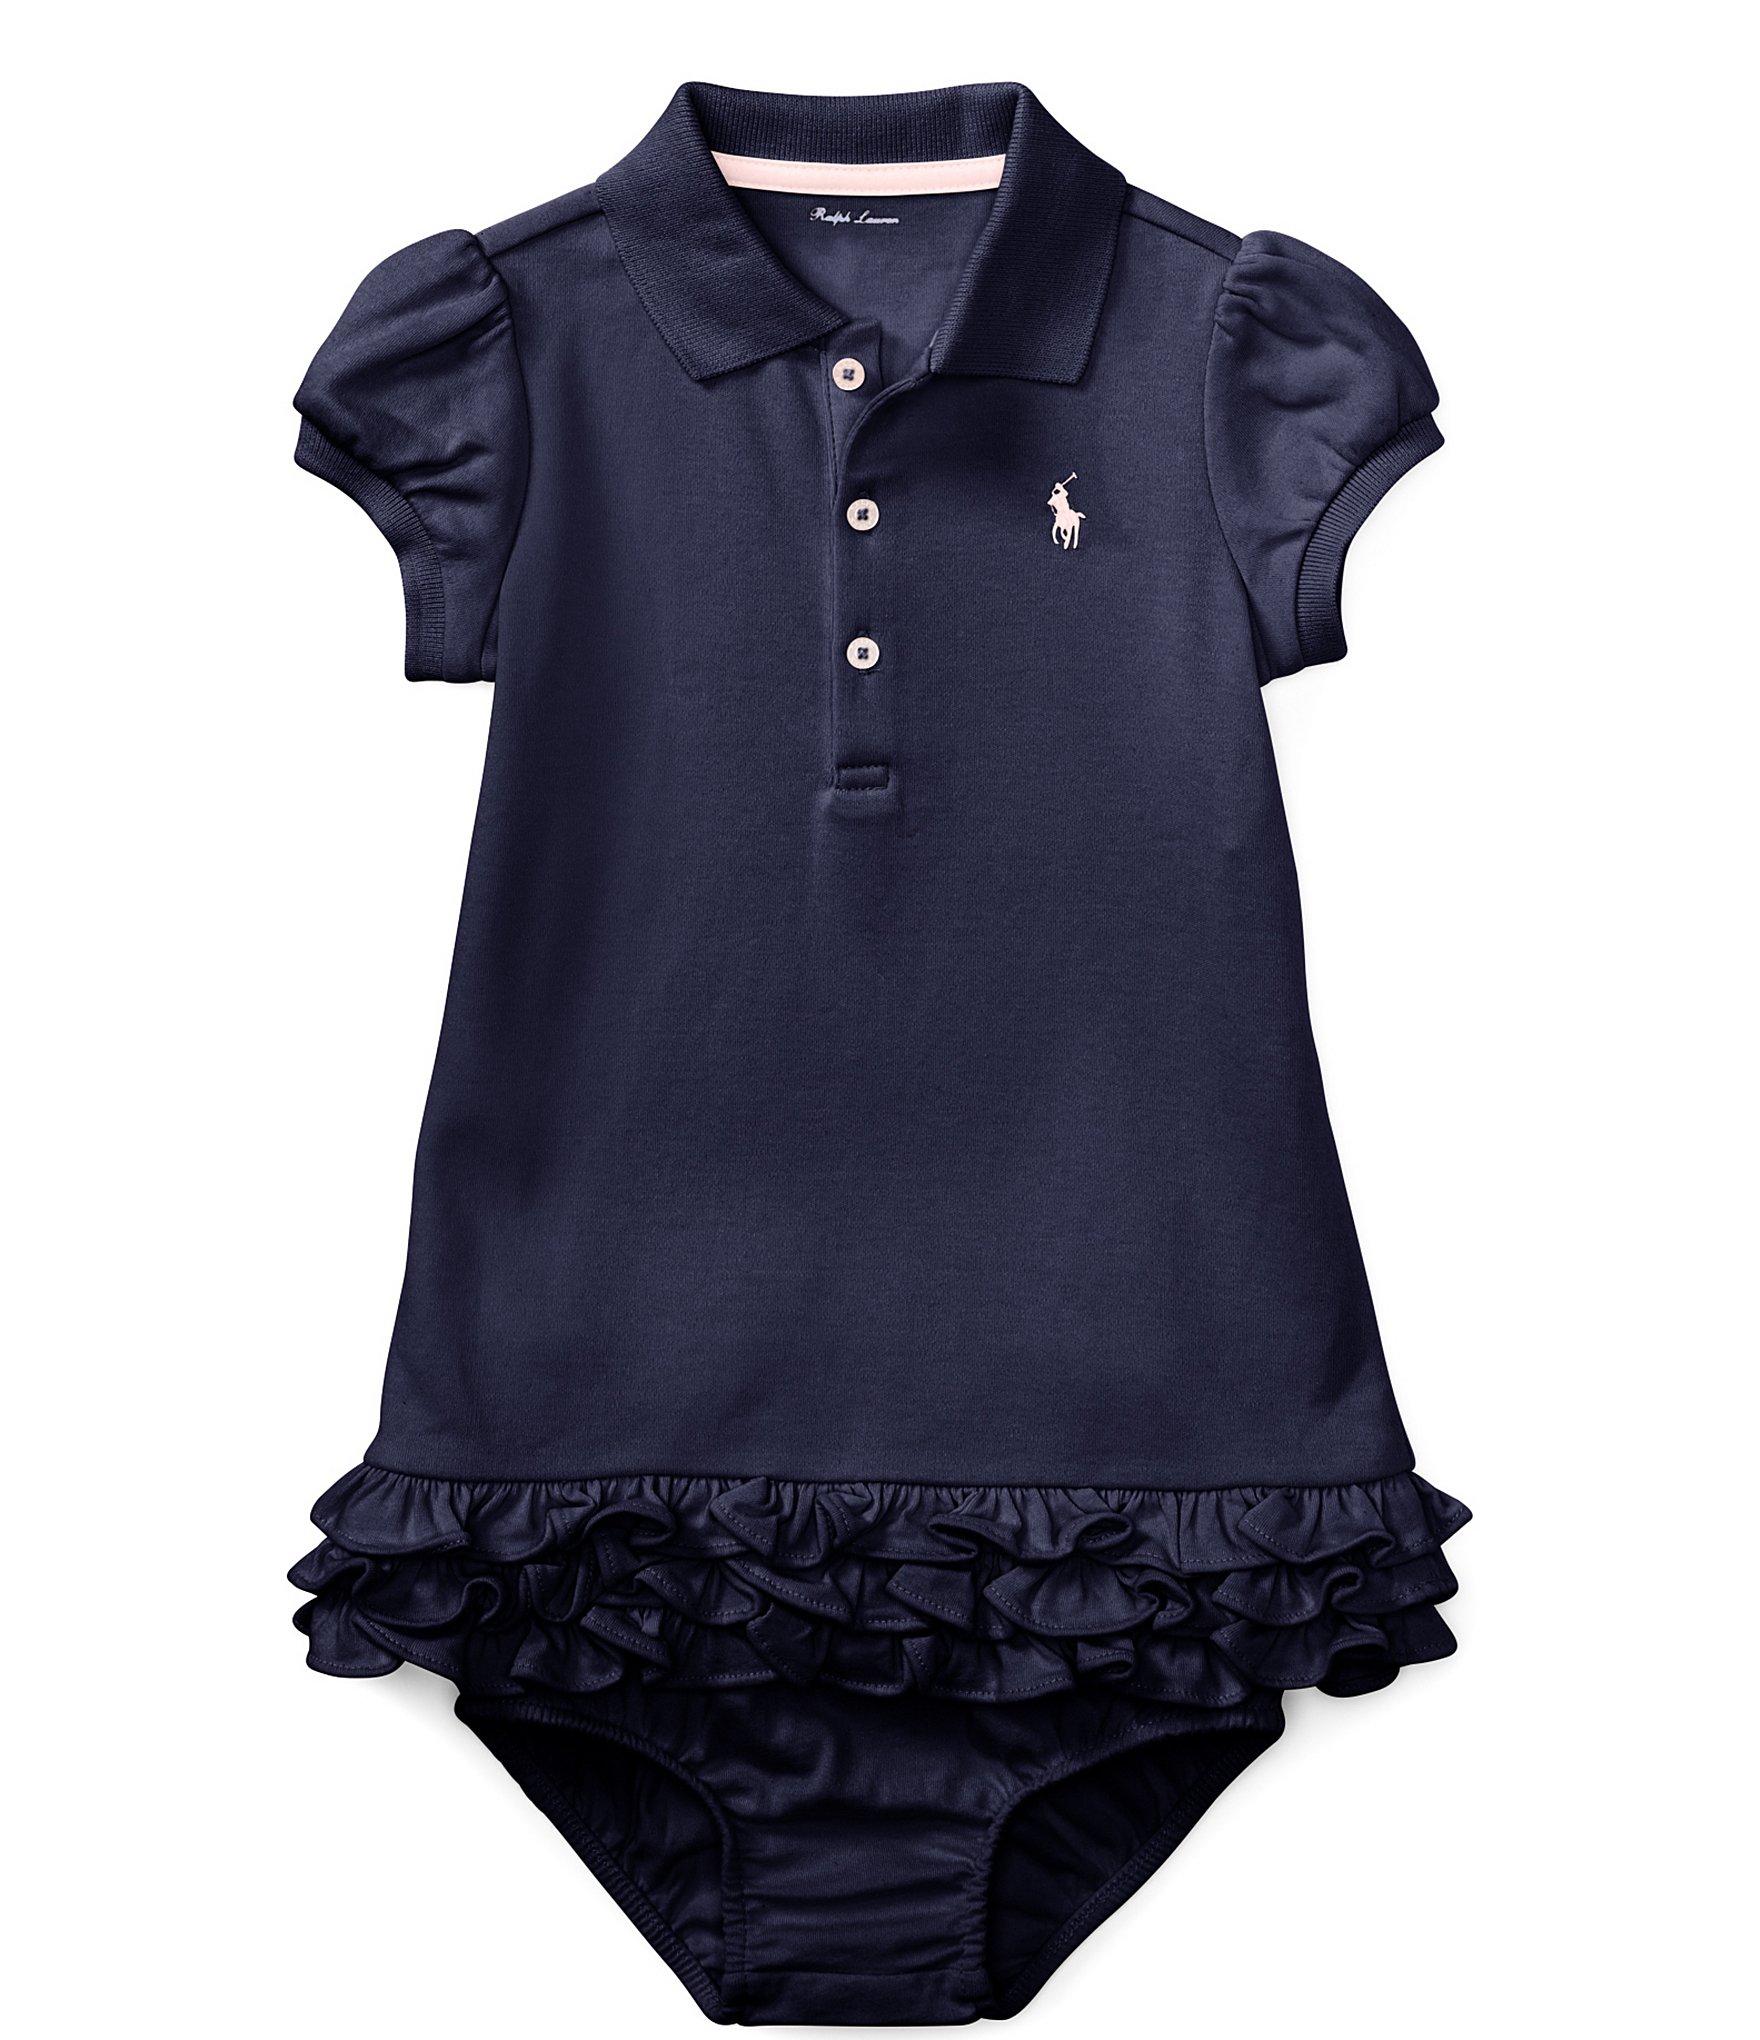 a9a7cfcfa Ralph Lauren Baby Girl Clothing | Dillard's